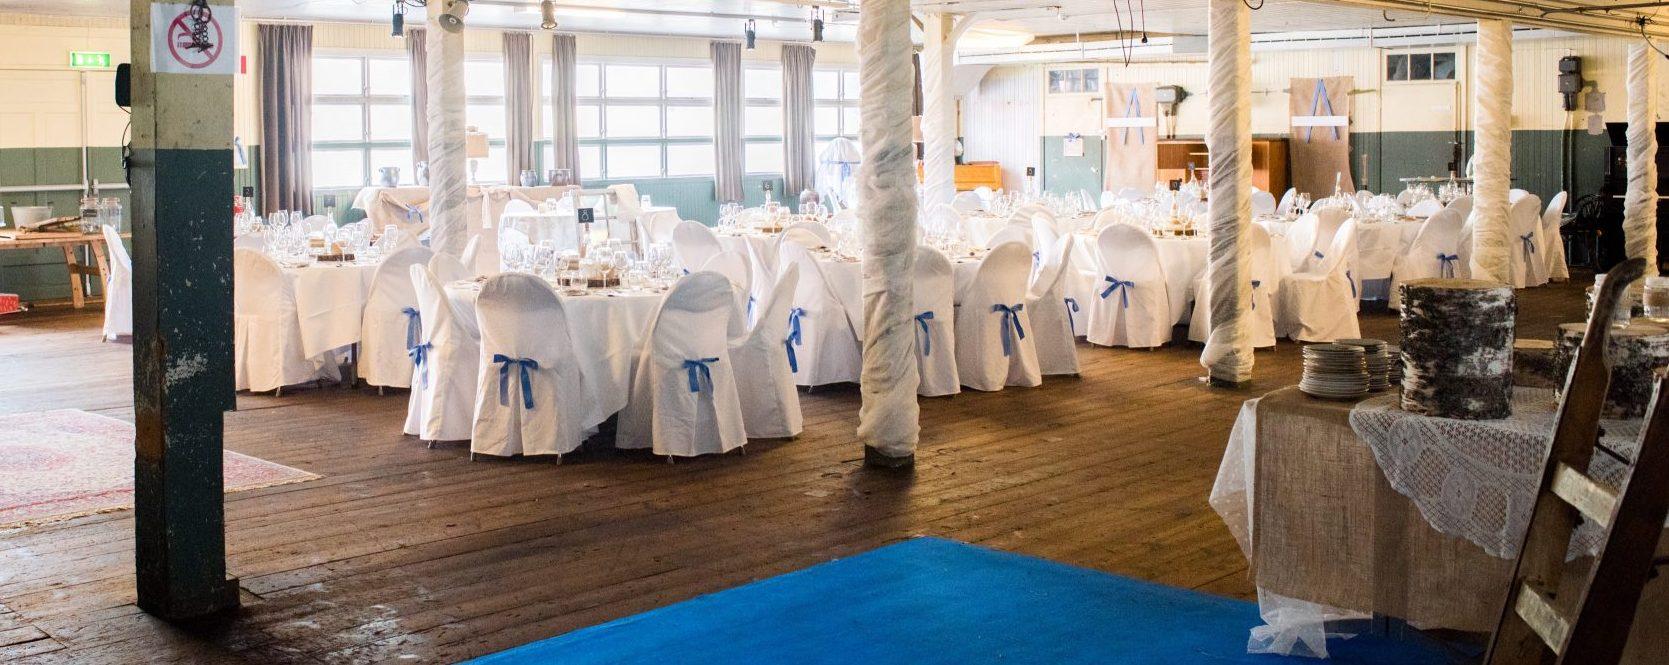 Festlokal med bröllopsdukning